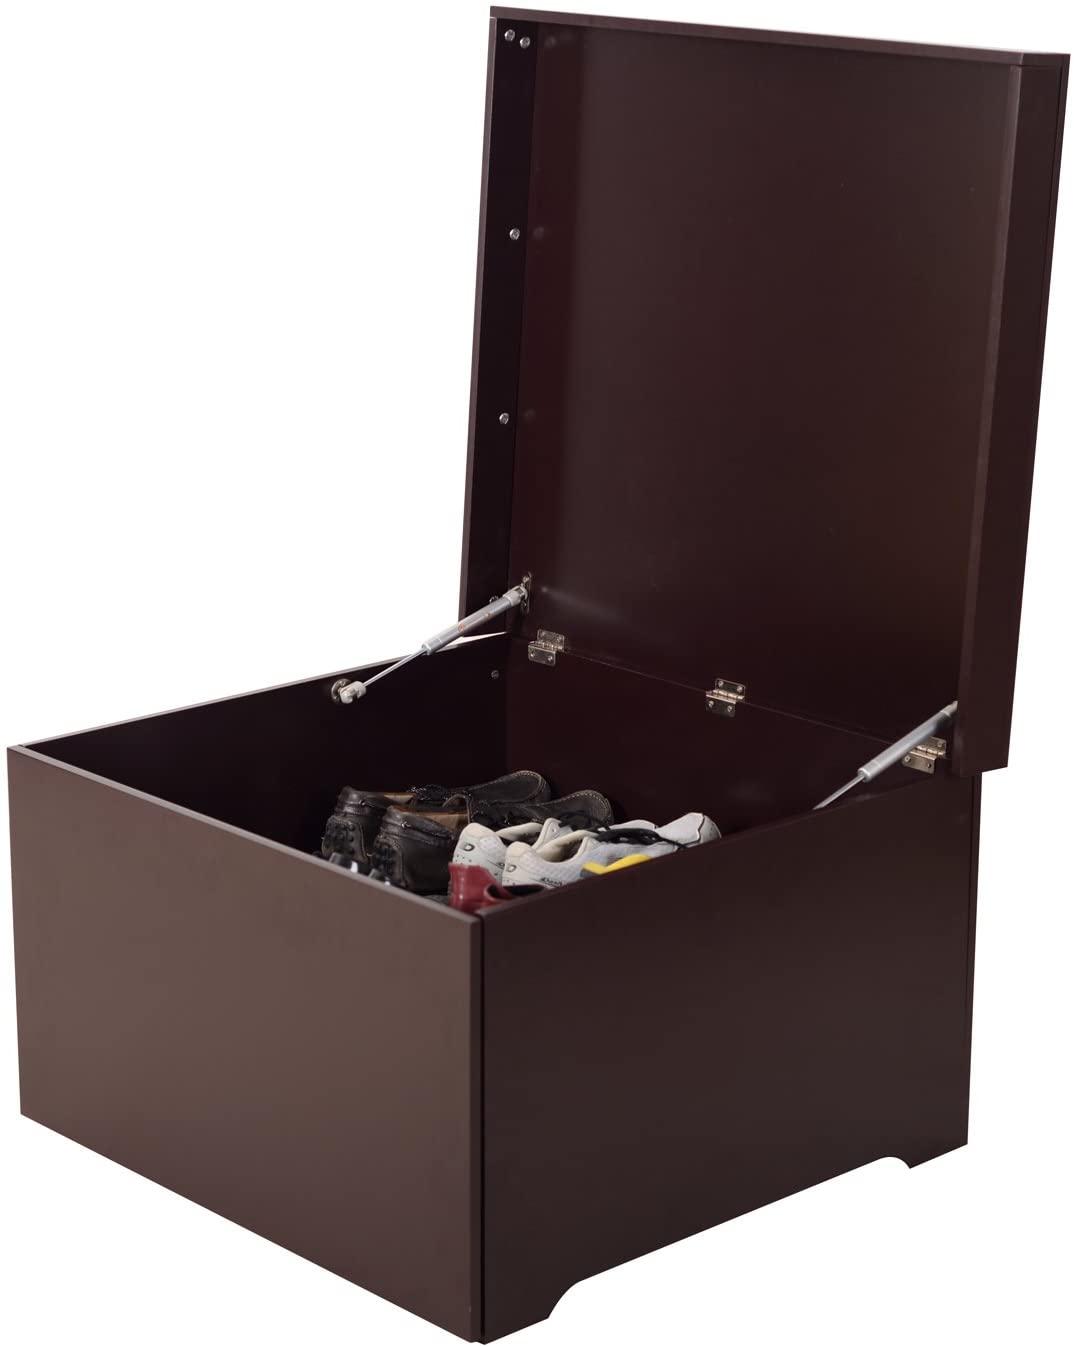 Jordan Shoe Storage Box - Unicun